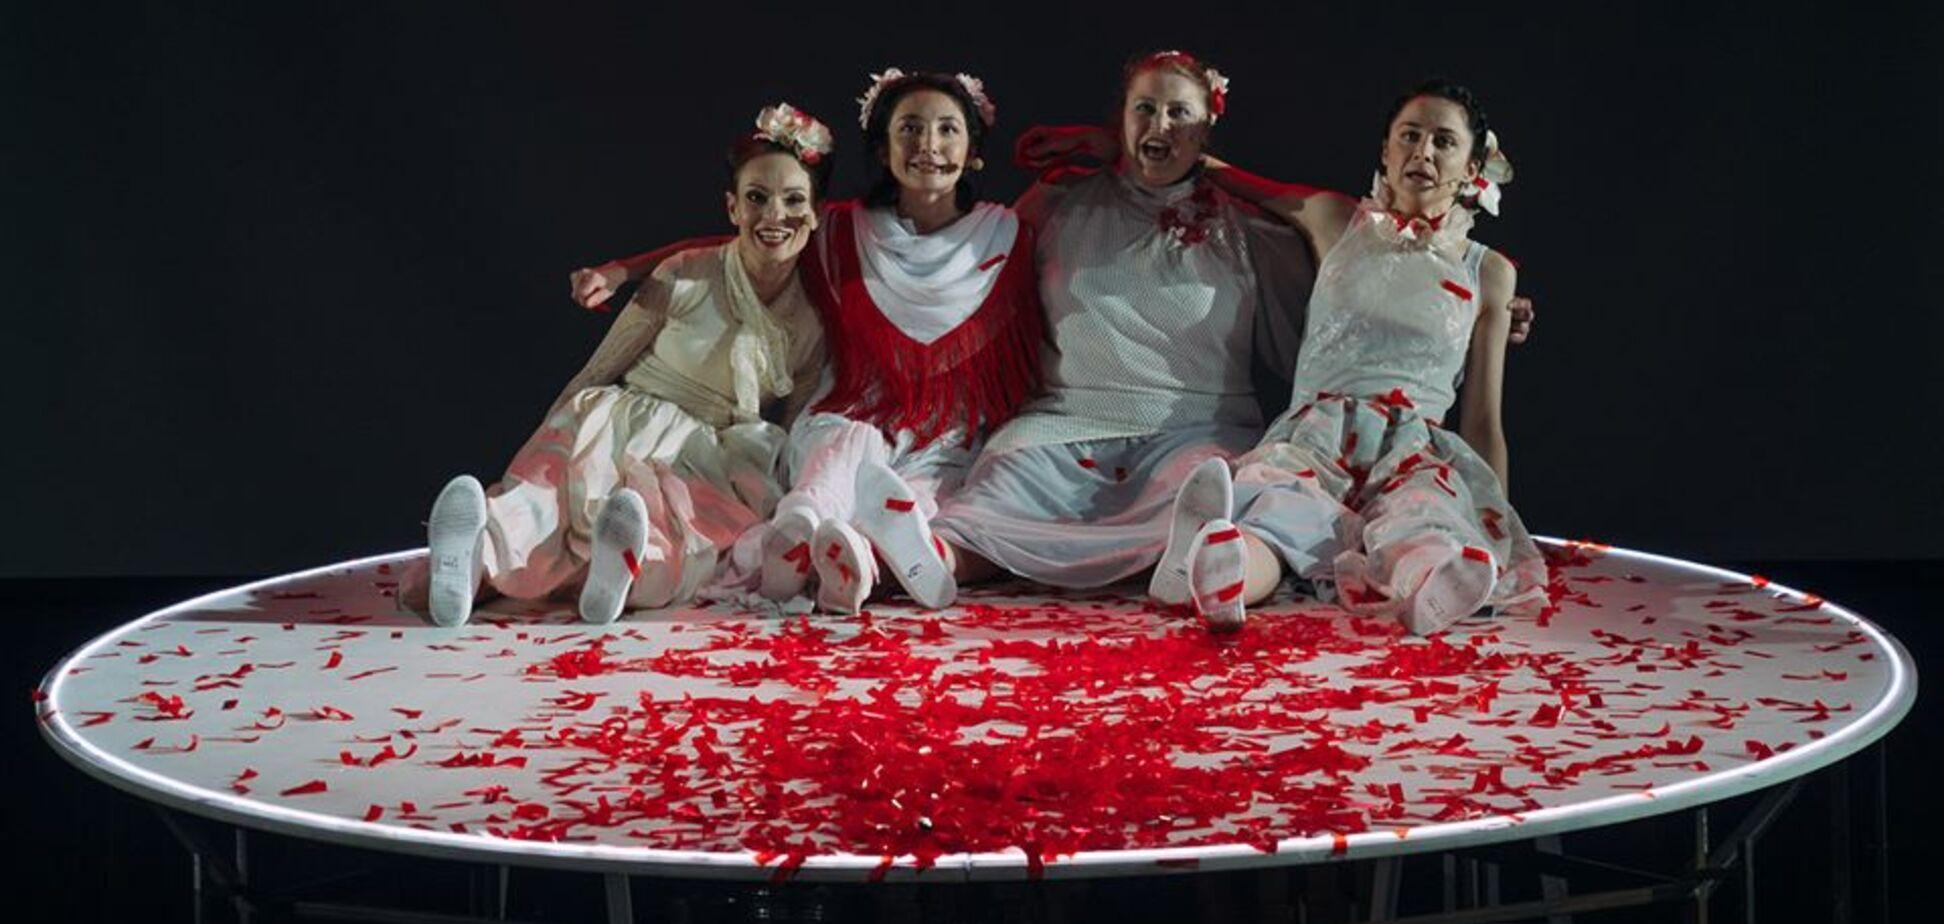 15 марта в Национальной оперетте покажут документальный спектакль 'Пенита.ОПЕРА'